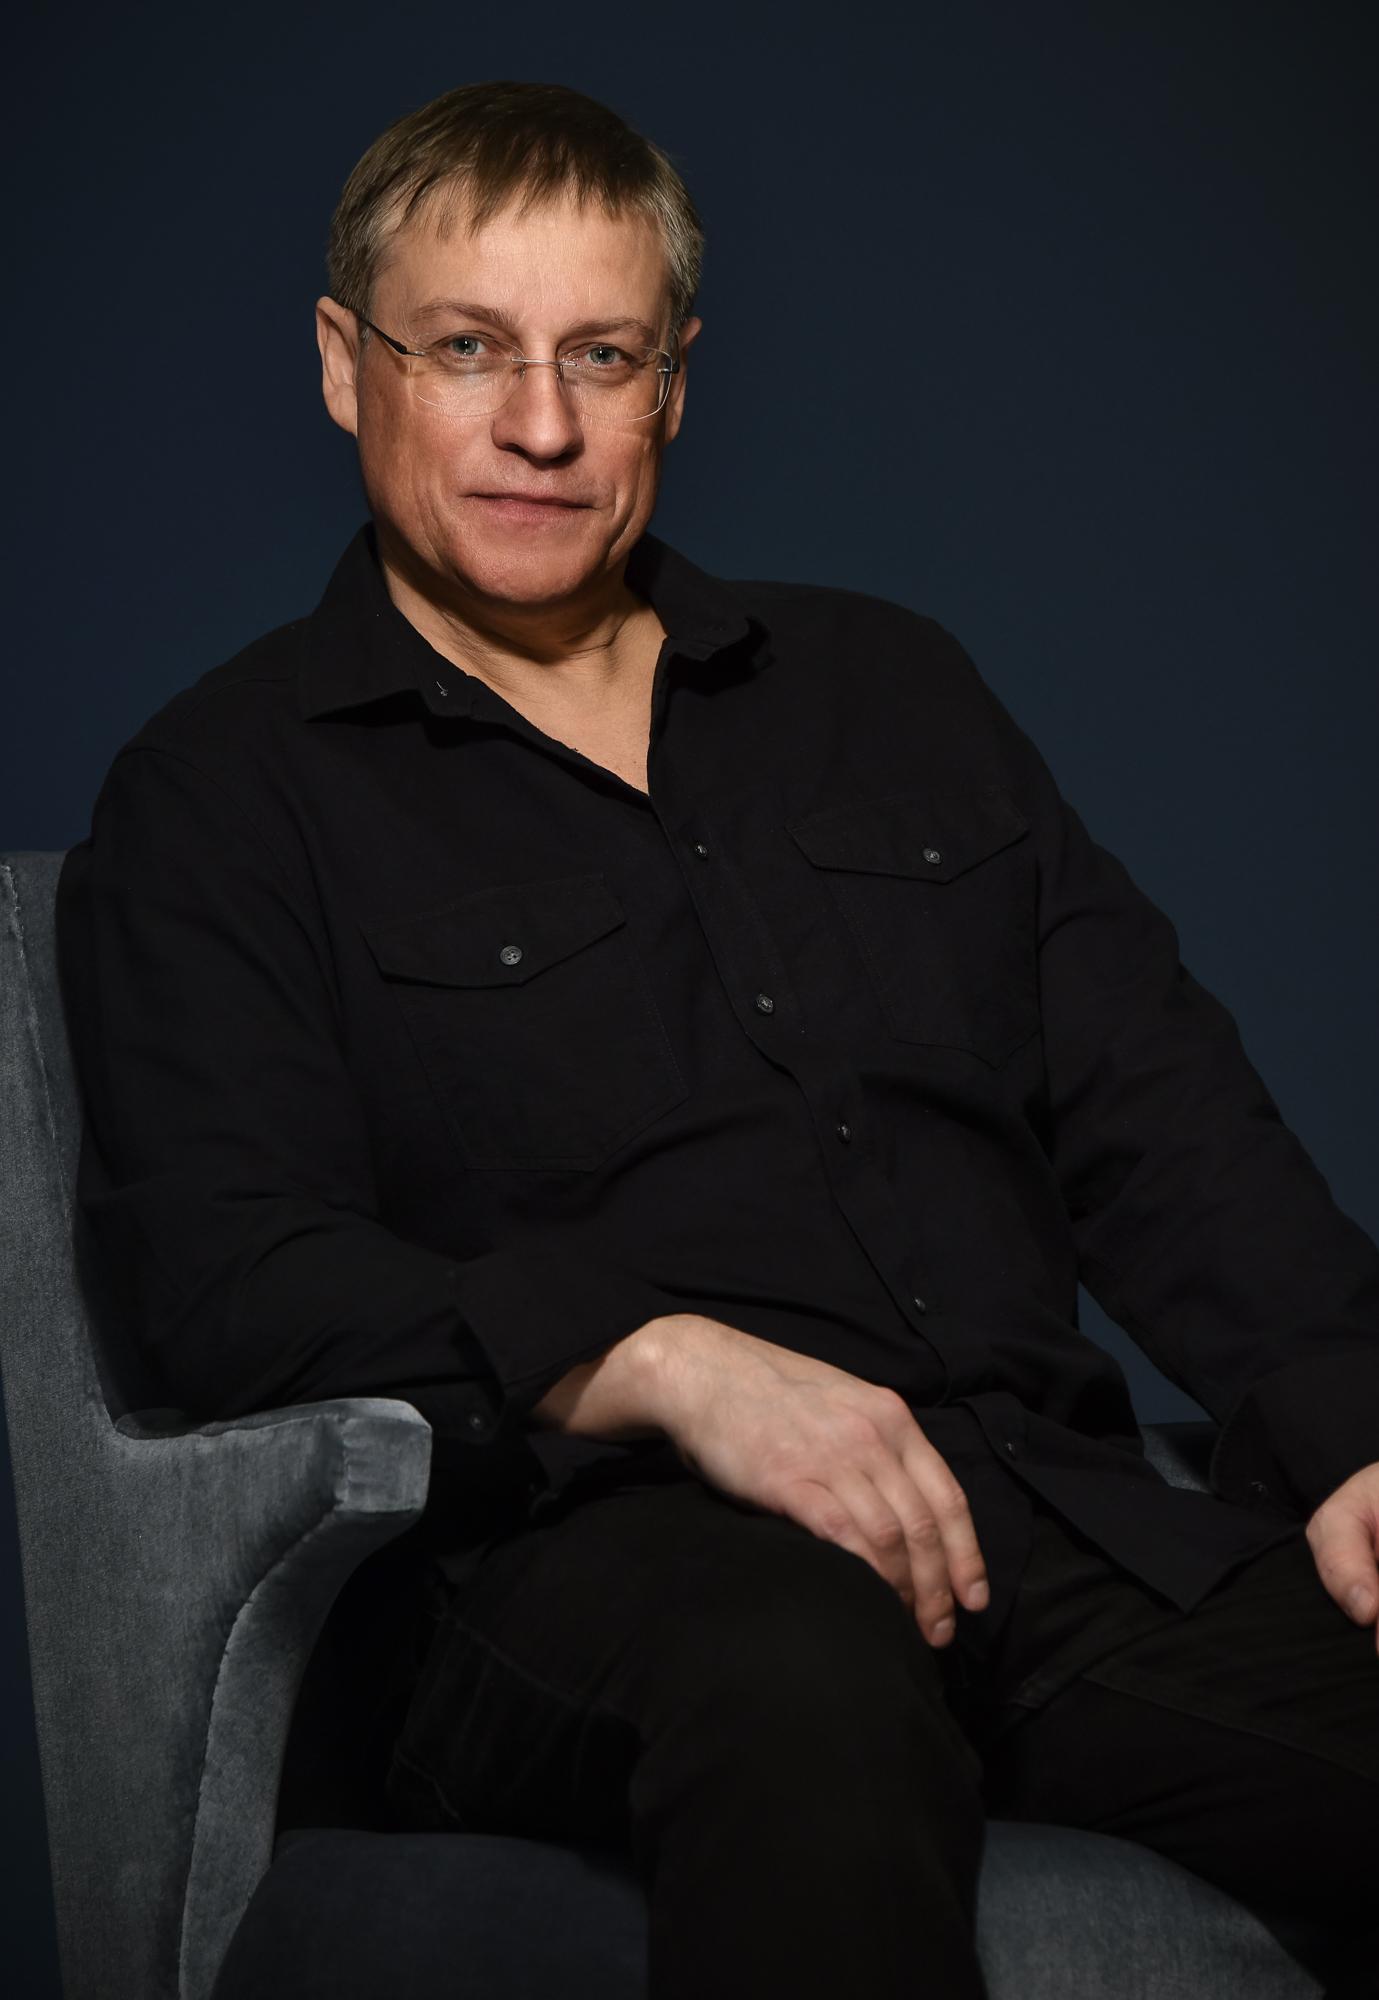 Ladislav Simon